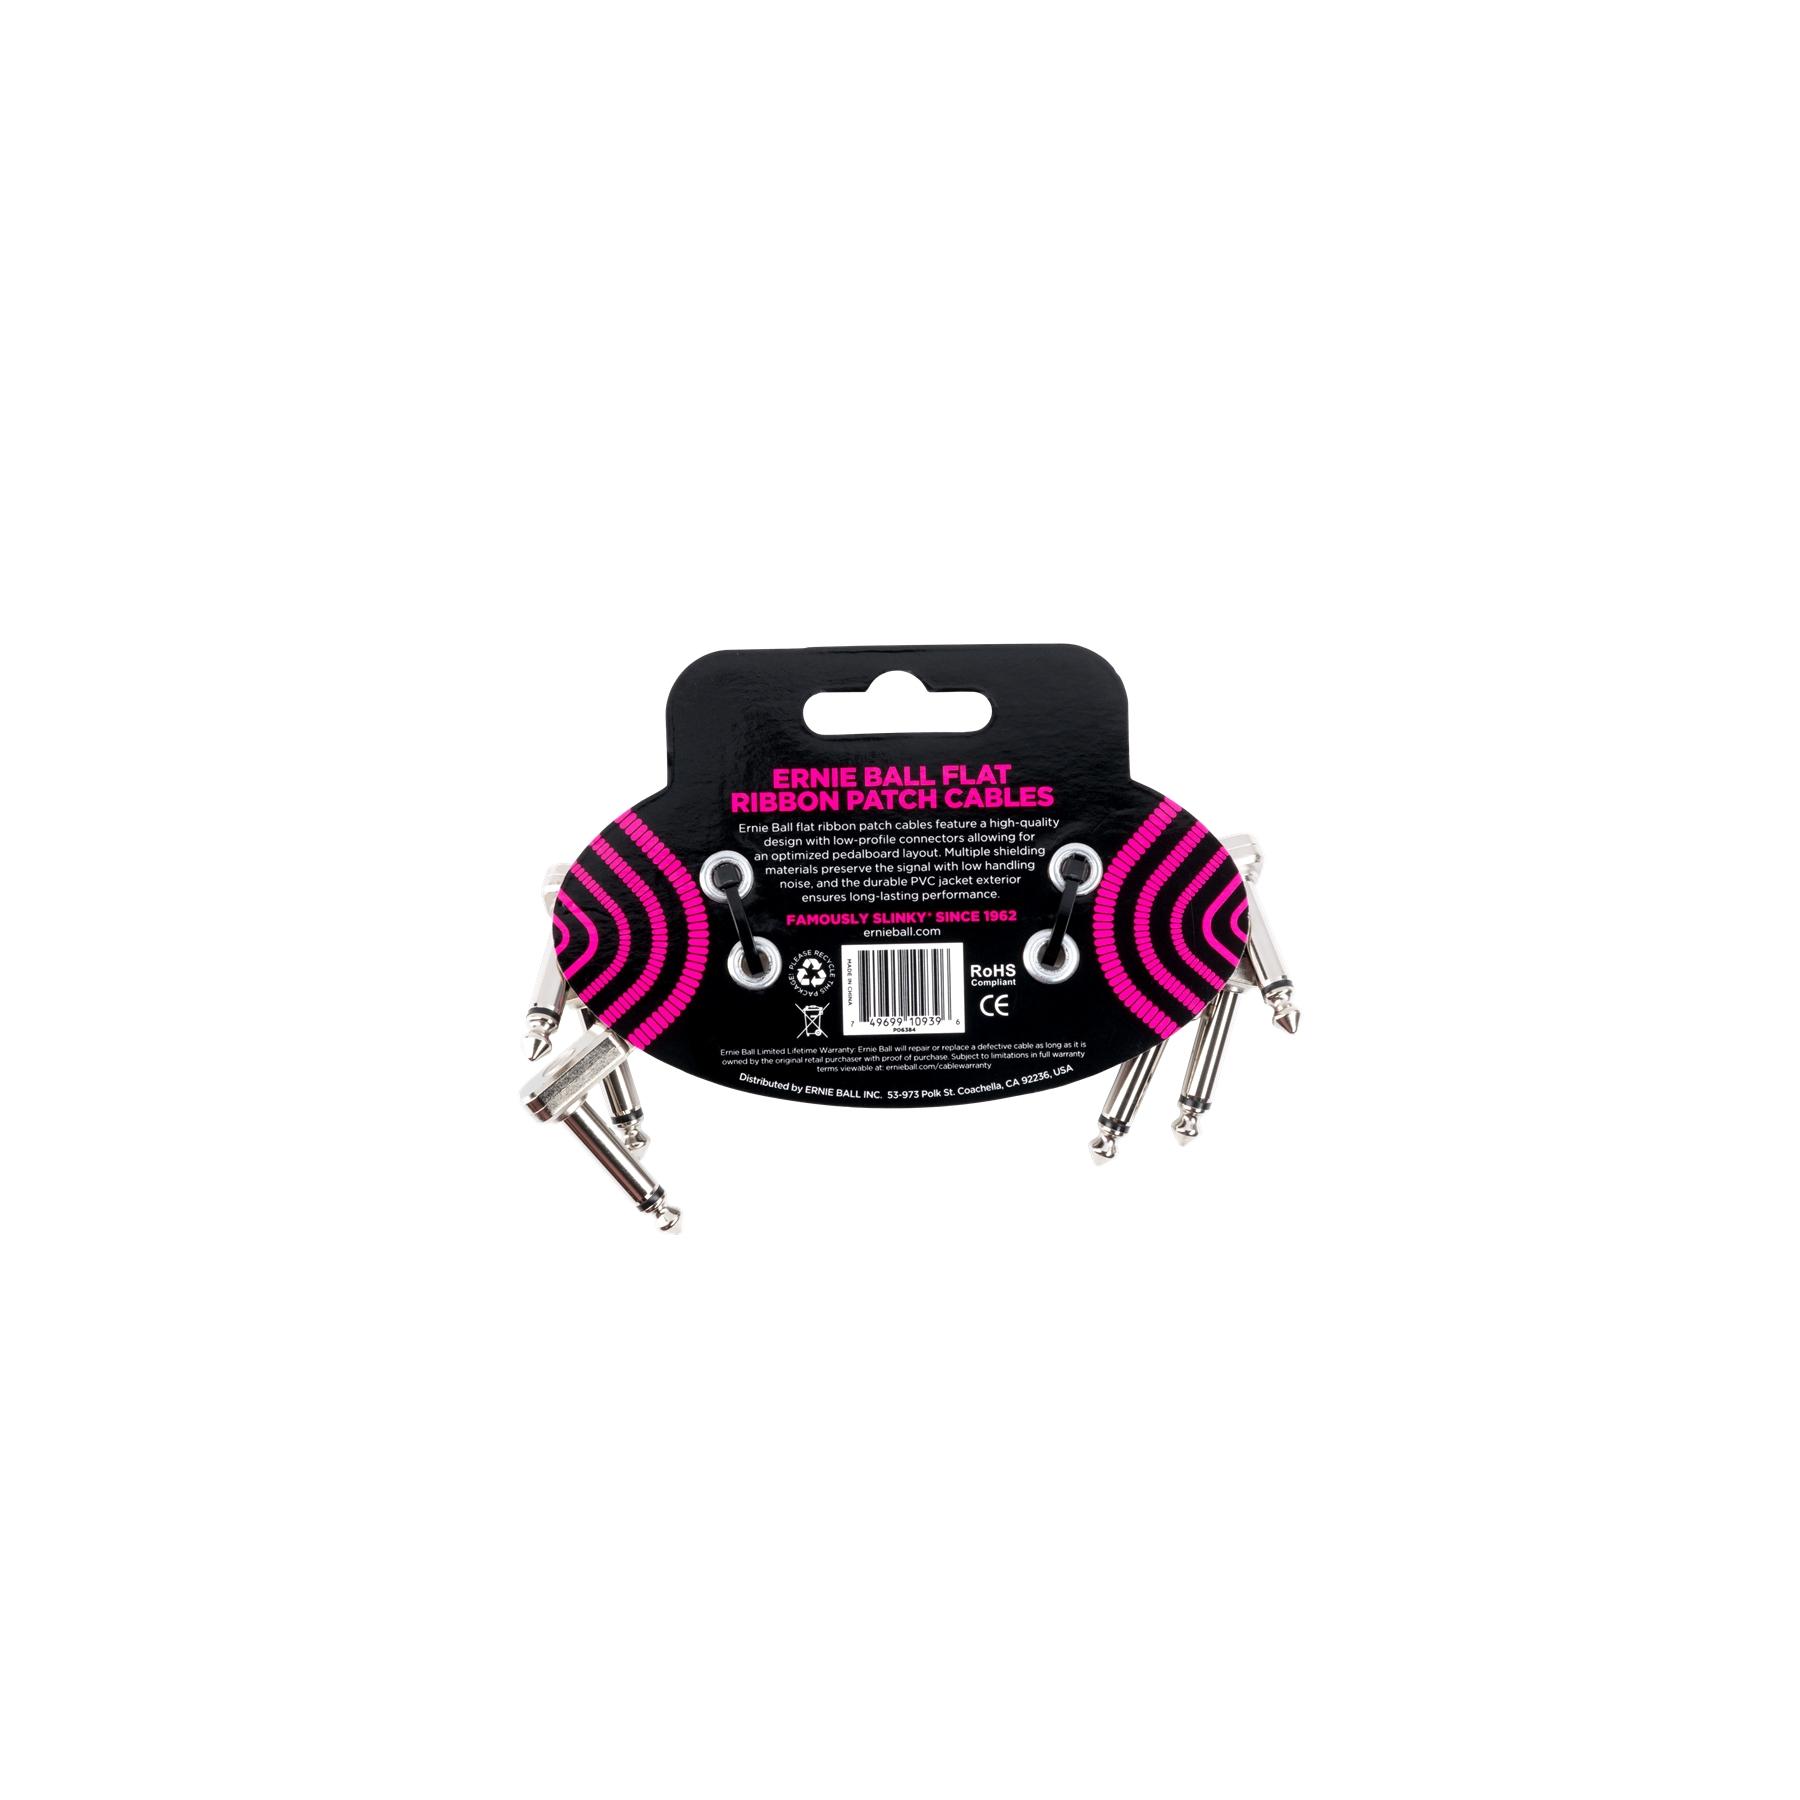 ERNIE BALL 6384 Flat Ribbon Patch Cable White 7.62cm 3pk